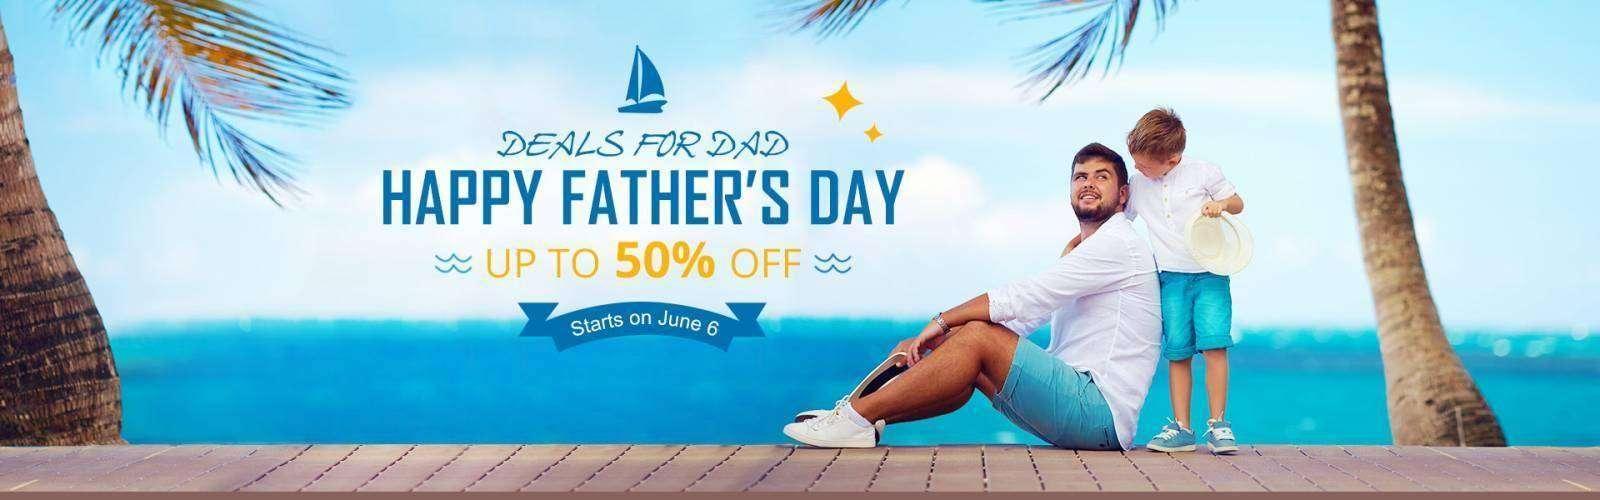 EverBuying: Распродажа в день отца и купон 20% на все товары - Everbuying